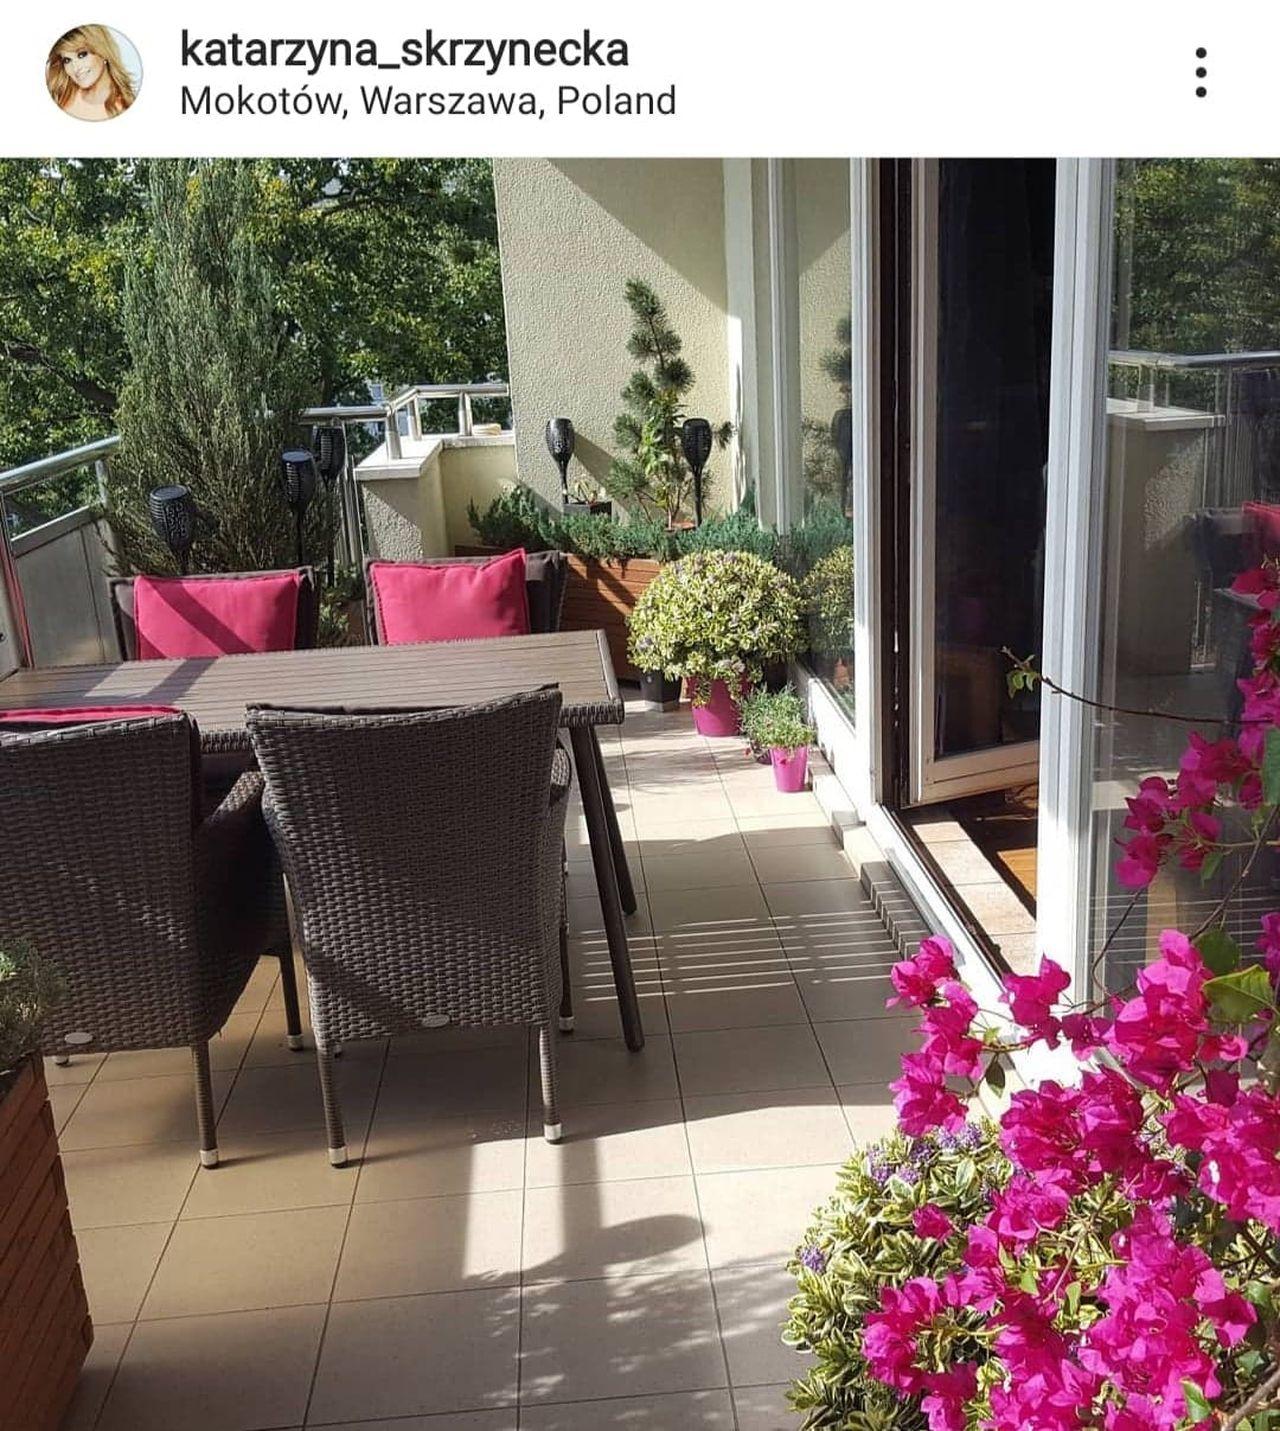 Katarzyna Skrzynecka chwali się balkonem